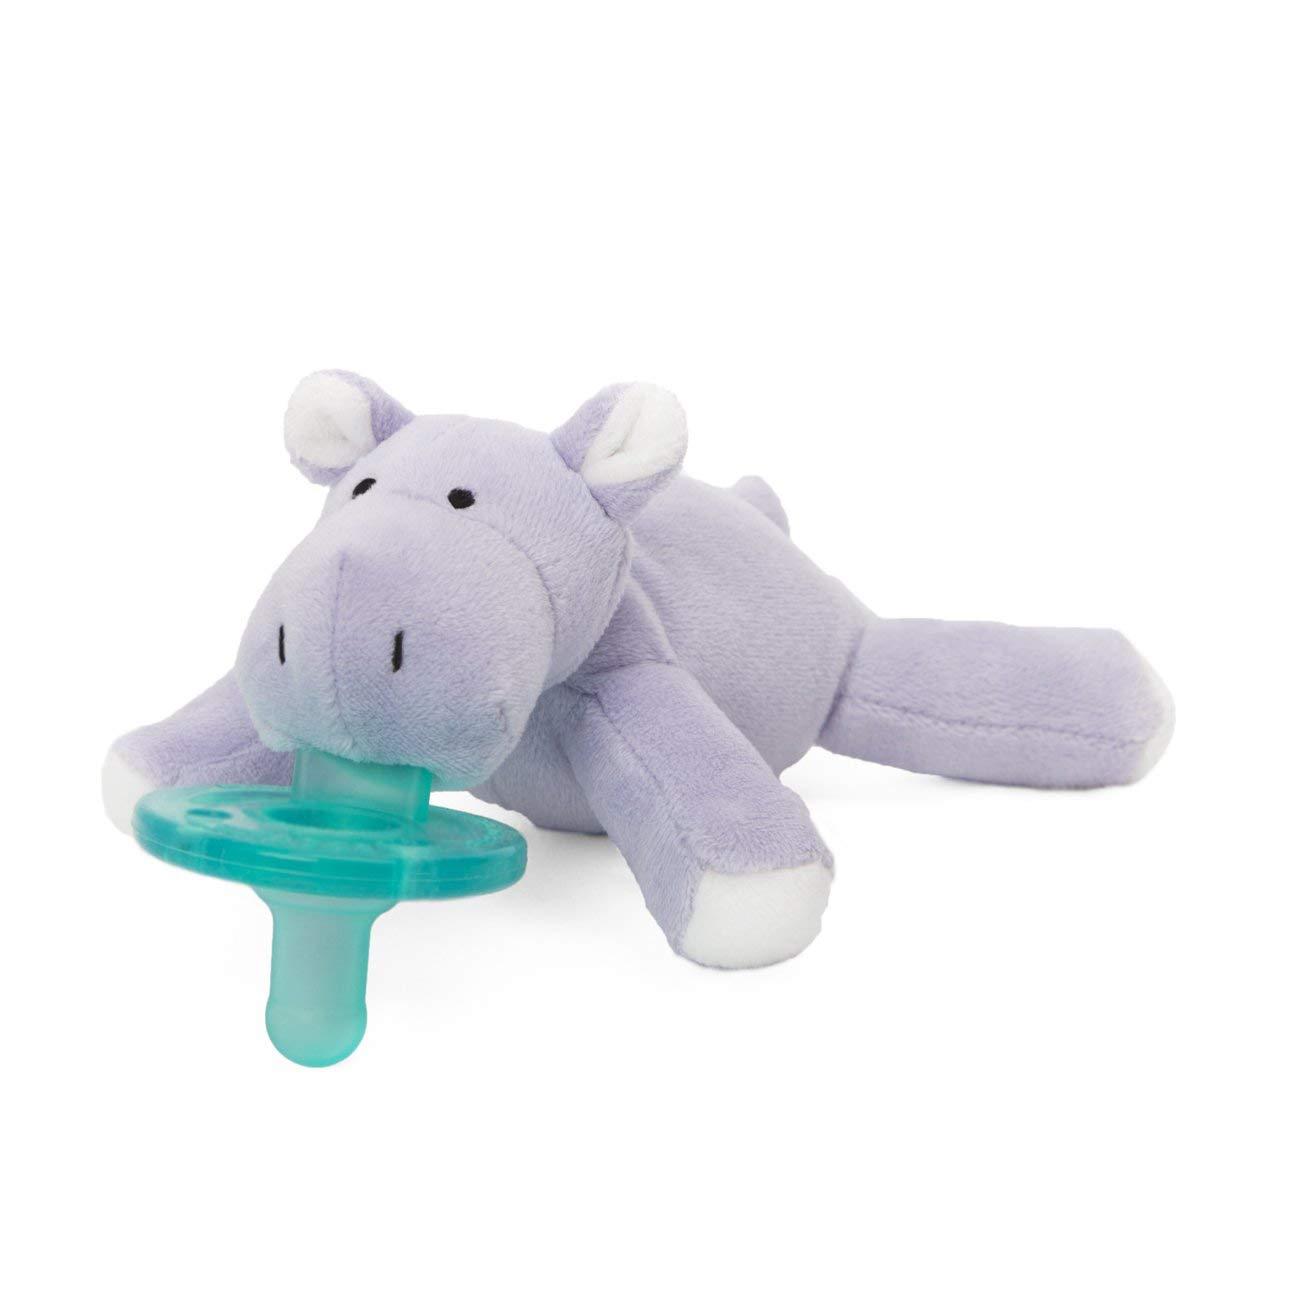 WubbaNub Infant Pacifier - Hippo by WubbaNub